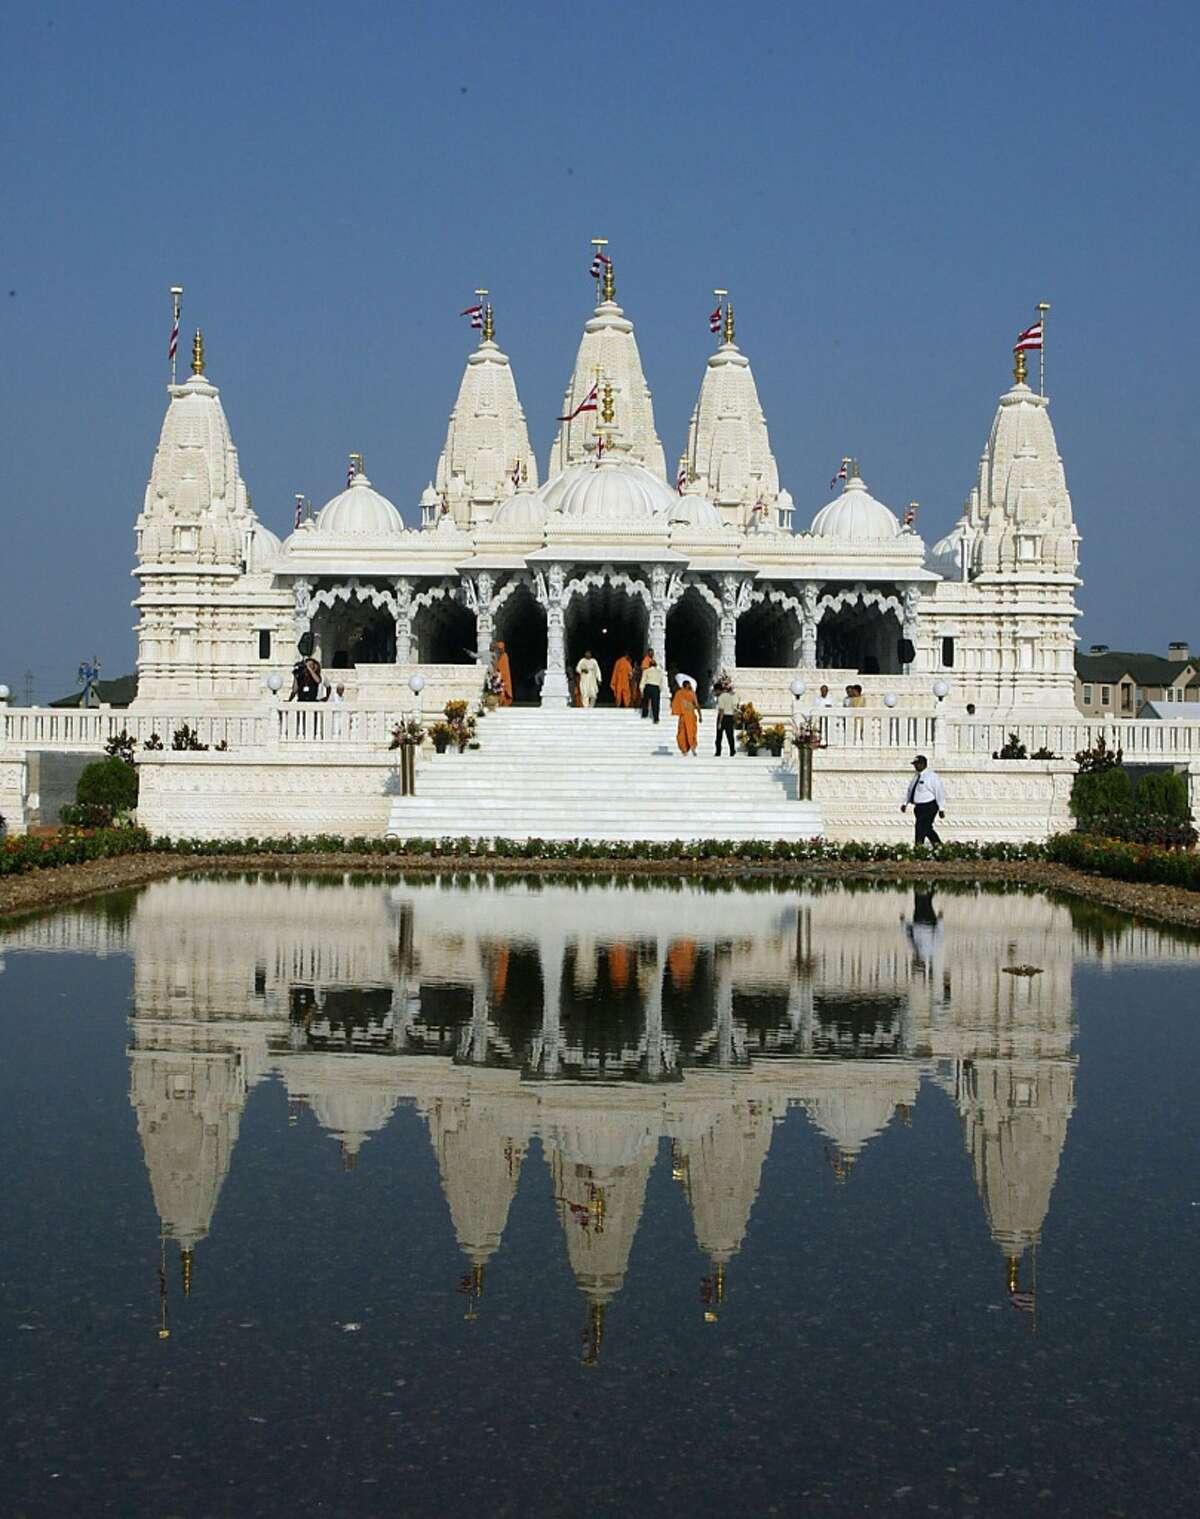 The Hindu temple Shree Swaminarayan Mandir.